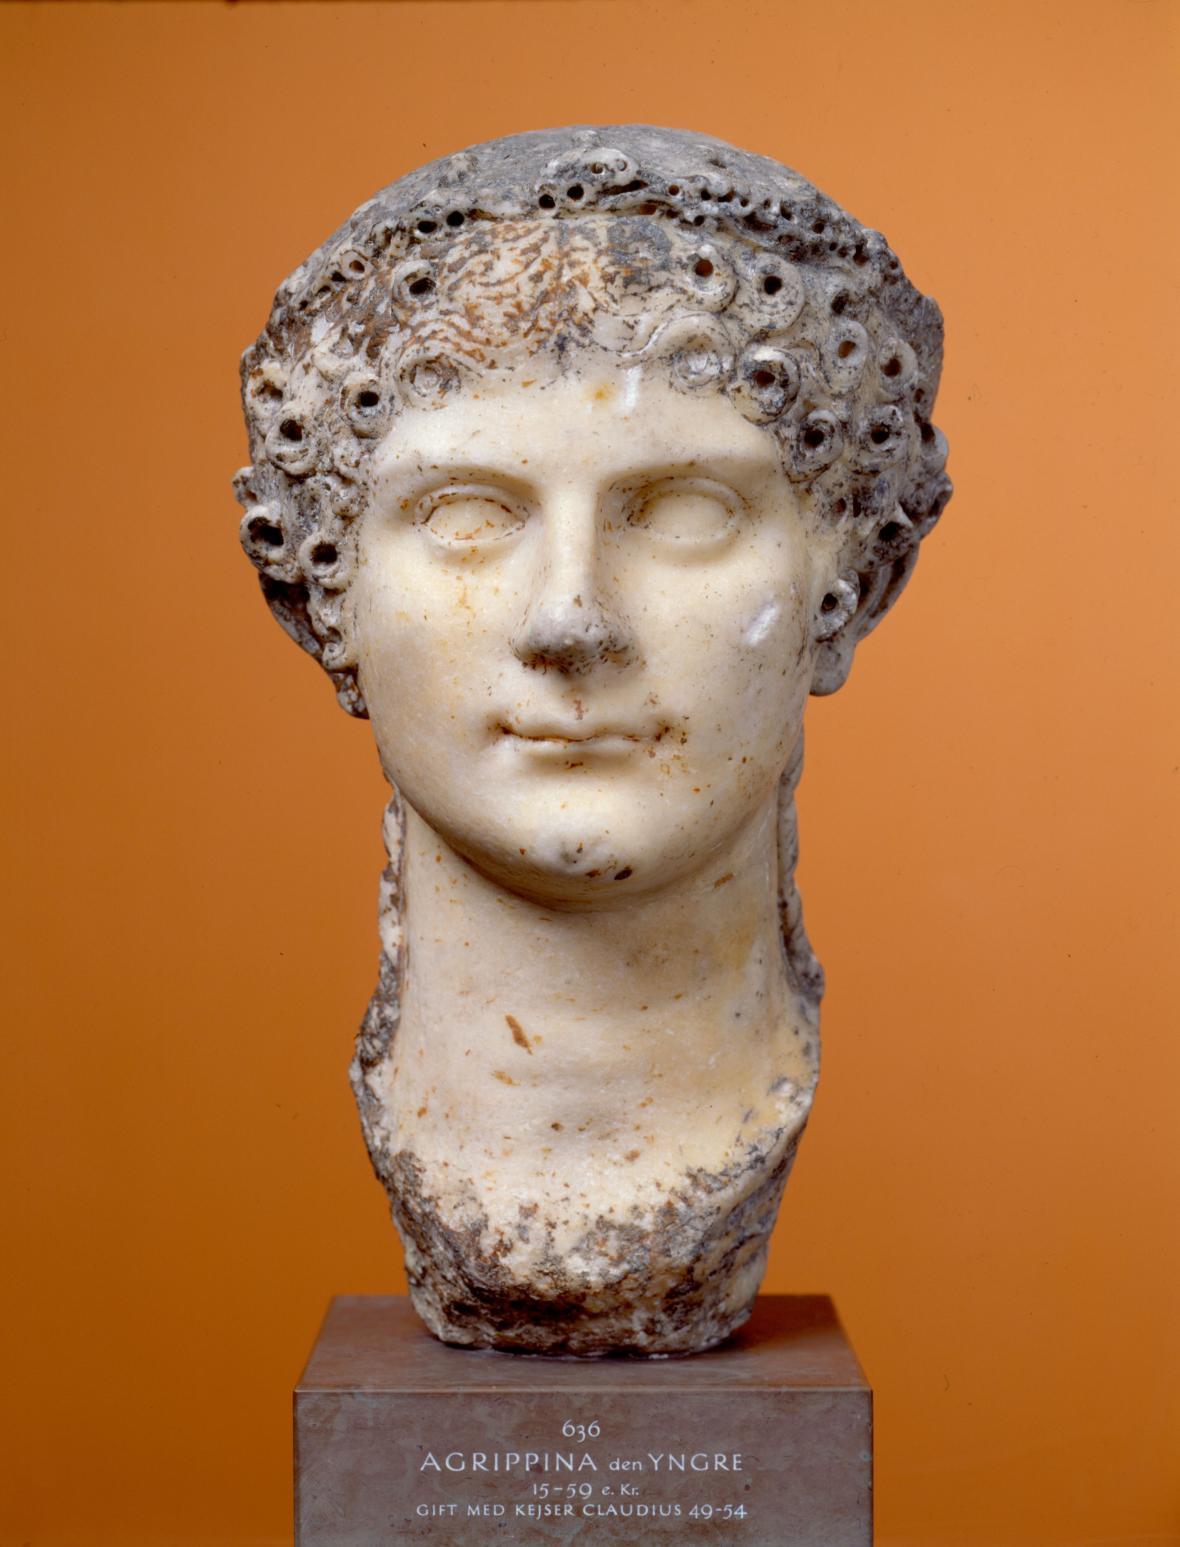 Portrét Agrippiny mladší, 49-54 po Kr.